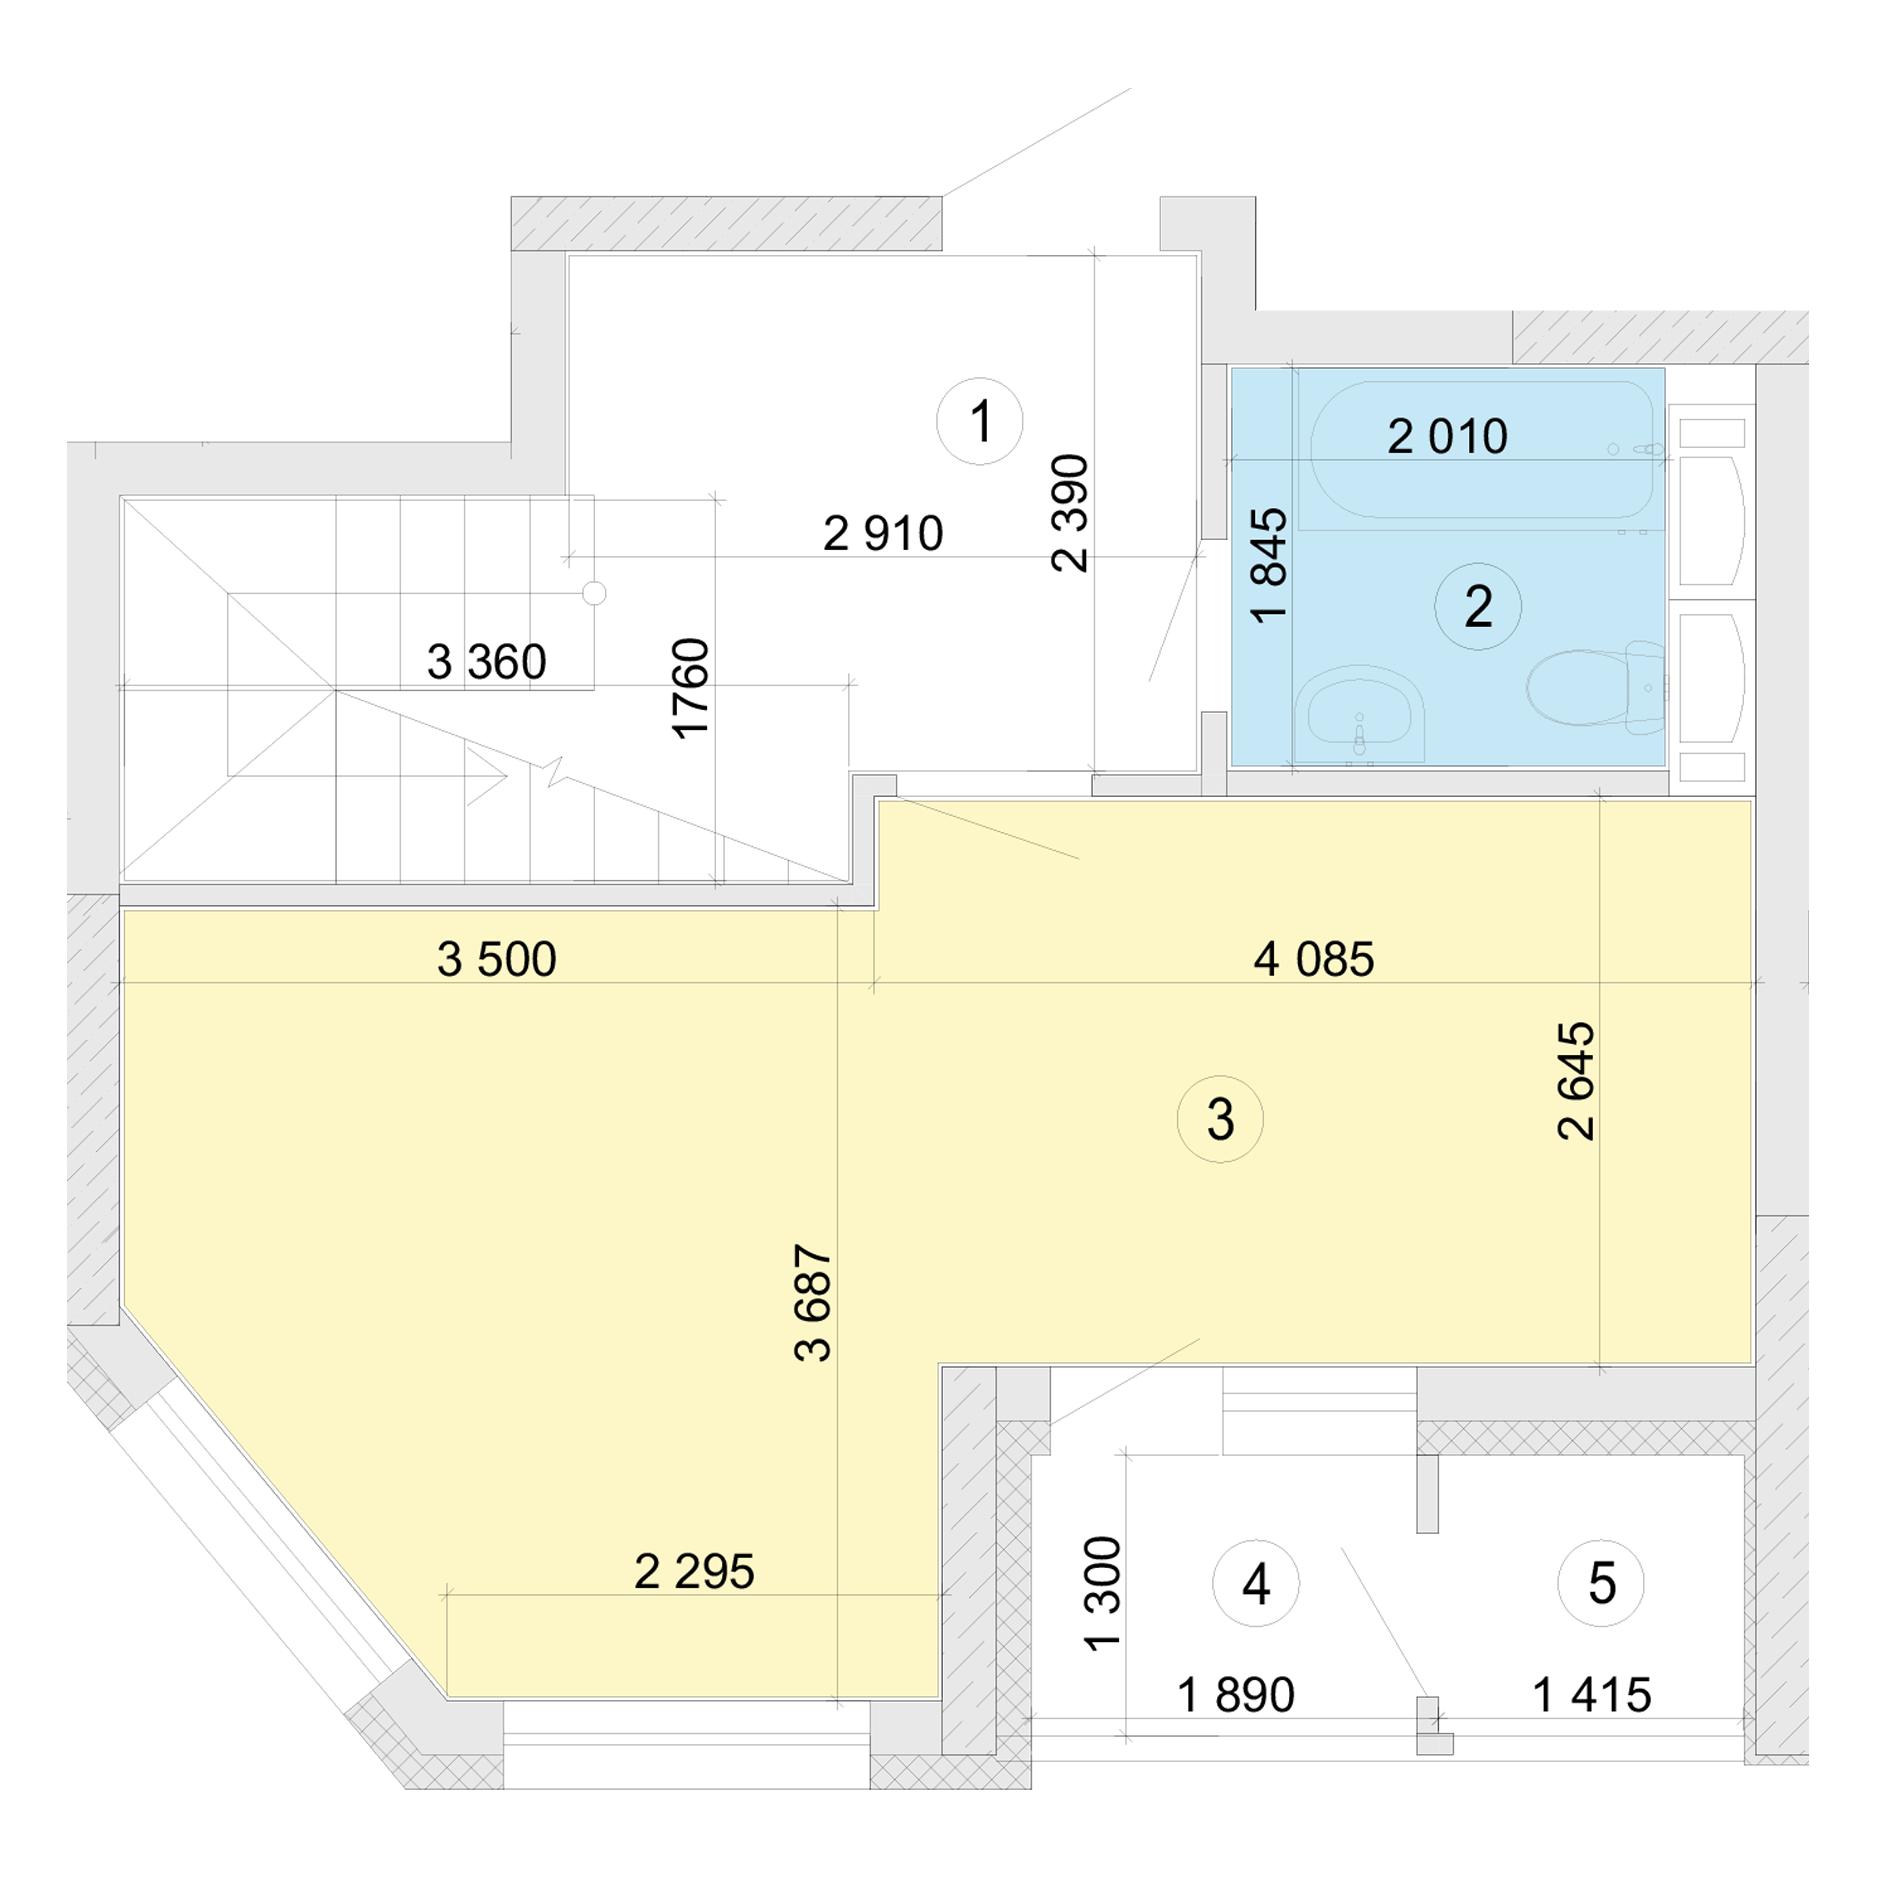 Купити Дворівнева квартира 80,54 кв.м., тип П3, будинок 2, секція 5 в Києві Голосіївський район